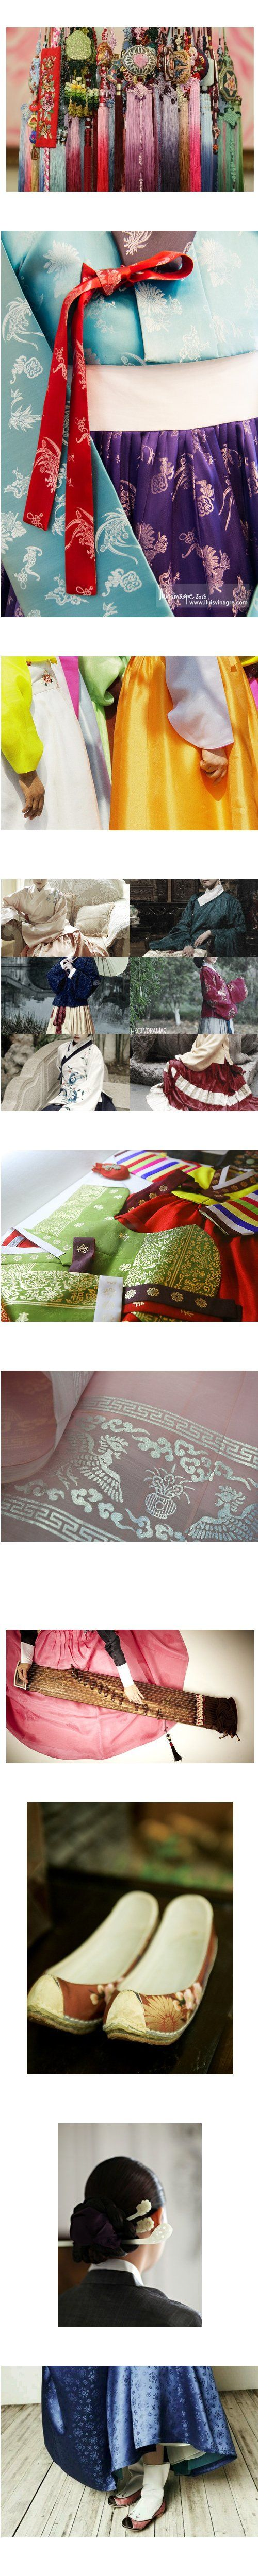 Beautiful hanbok details